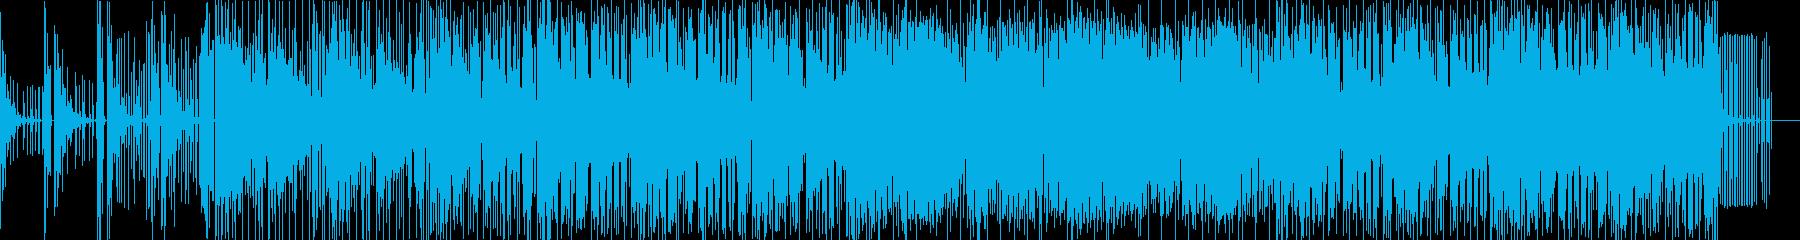 おしゃれテクノの再生済みの波形